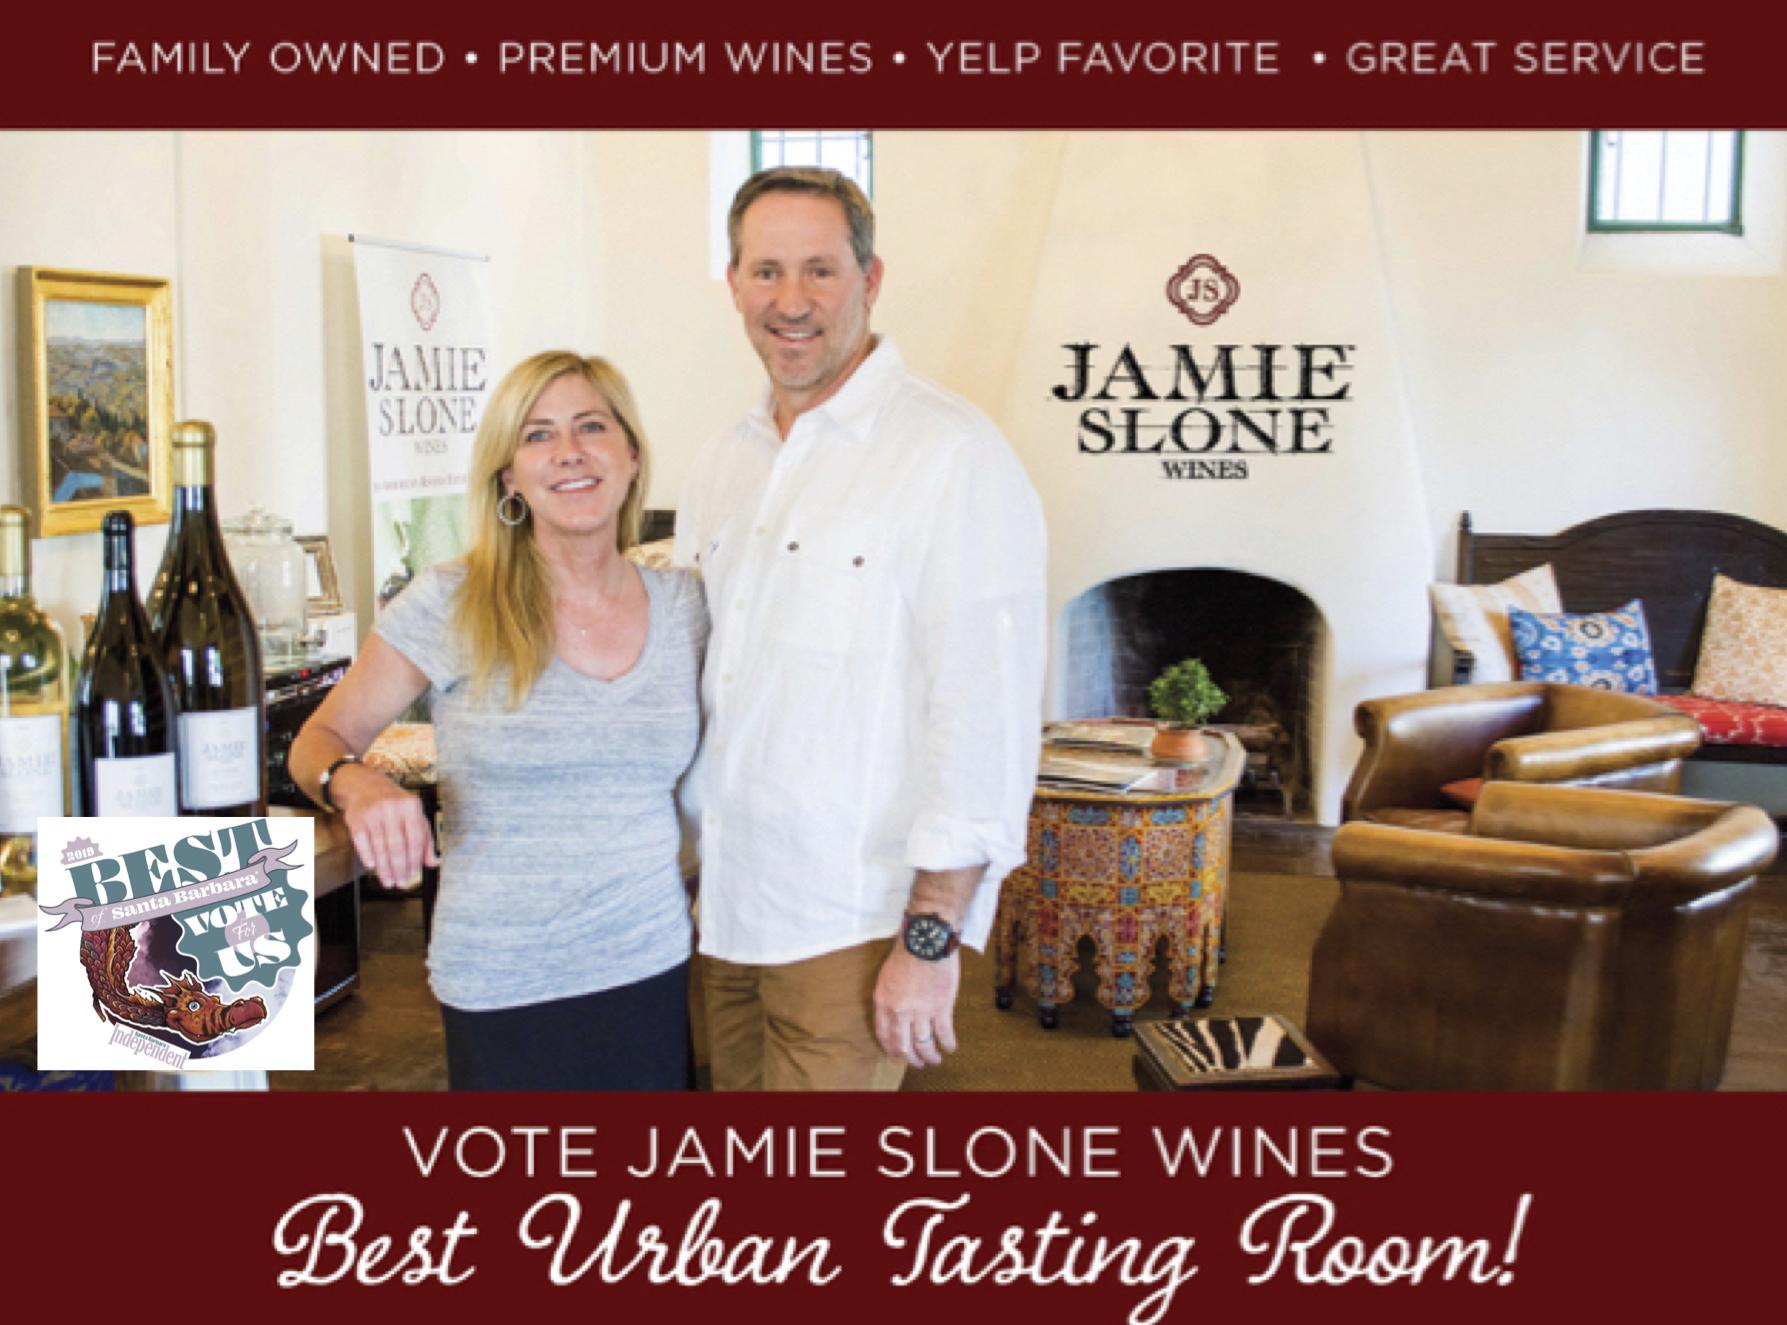 Vote Jamie Slone Wines Best Urban Tasting Room!